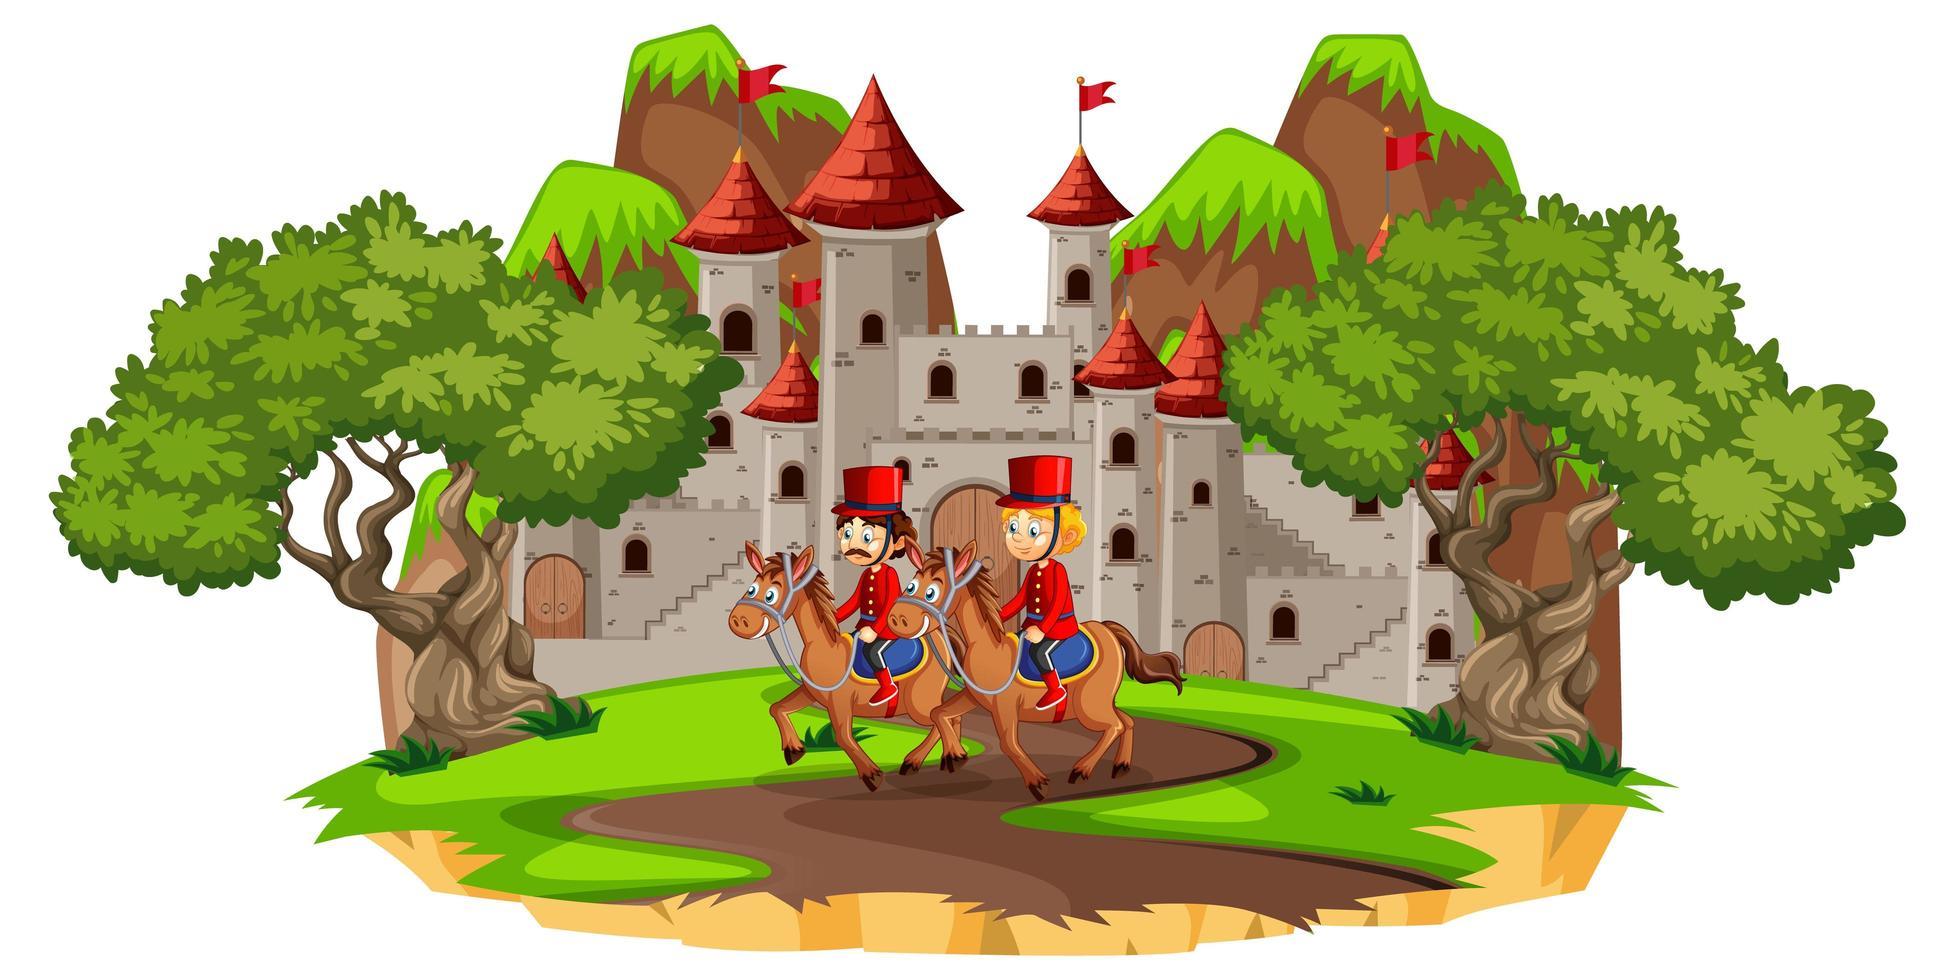 Märchenszene mit Schloss und königlicher Soldatengarde auf weißem Hintergrund vektor